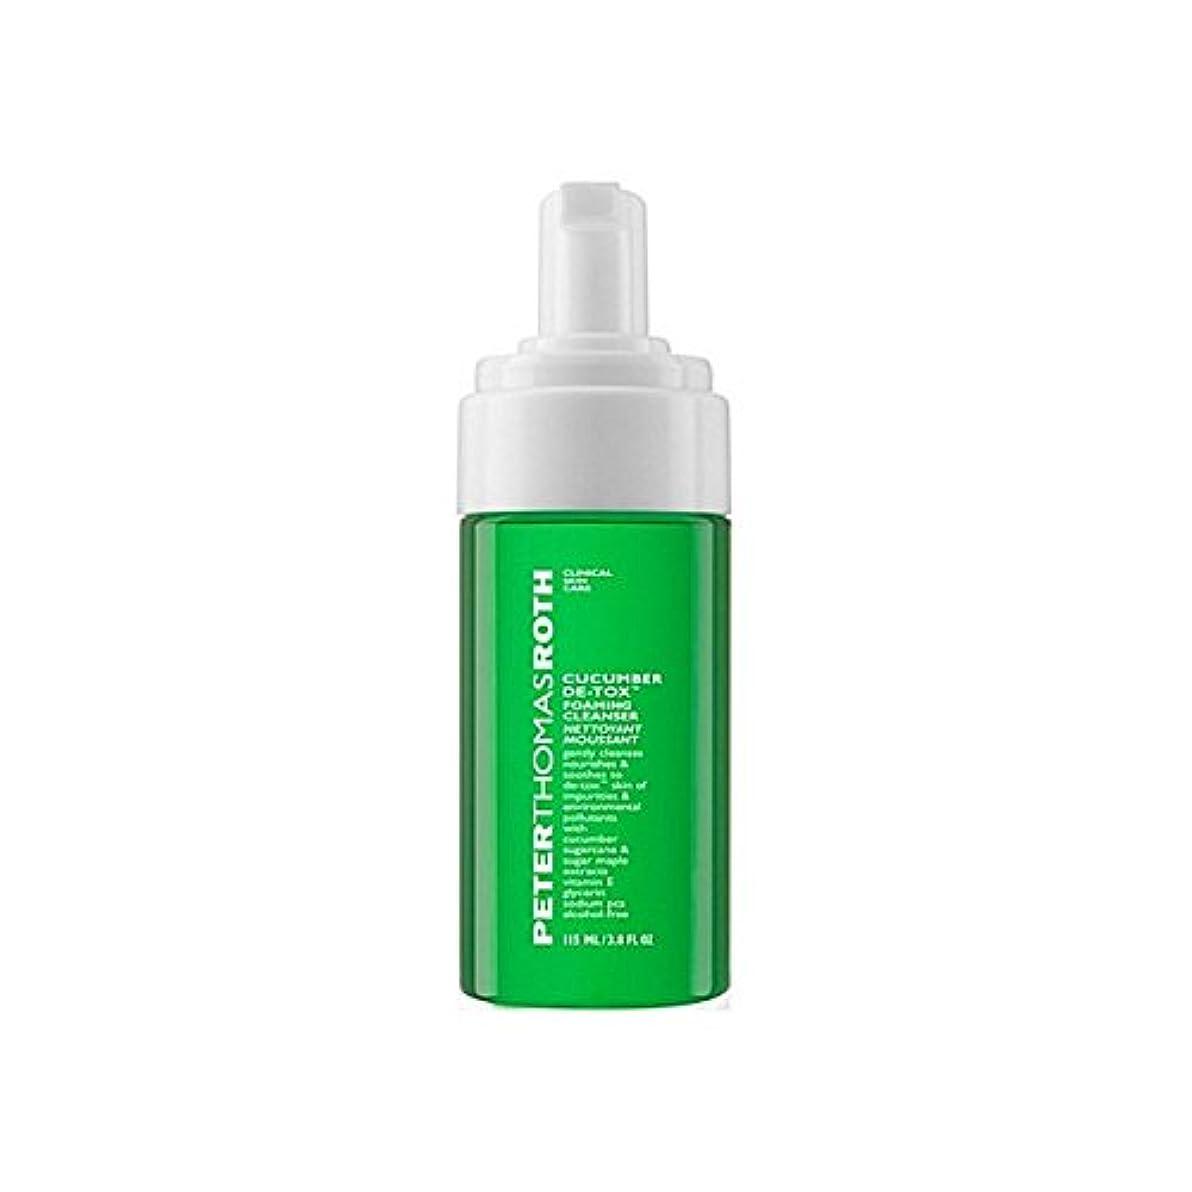 集まる選択障害者Peter Thomas Roth Cucumber De-Tox Foaming Cleanser (Pack of 6) - ピータートーマスロスキュウリデ発泡クレンザー x6 [並行輸入品]